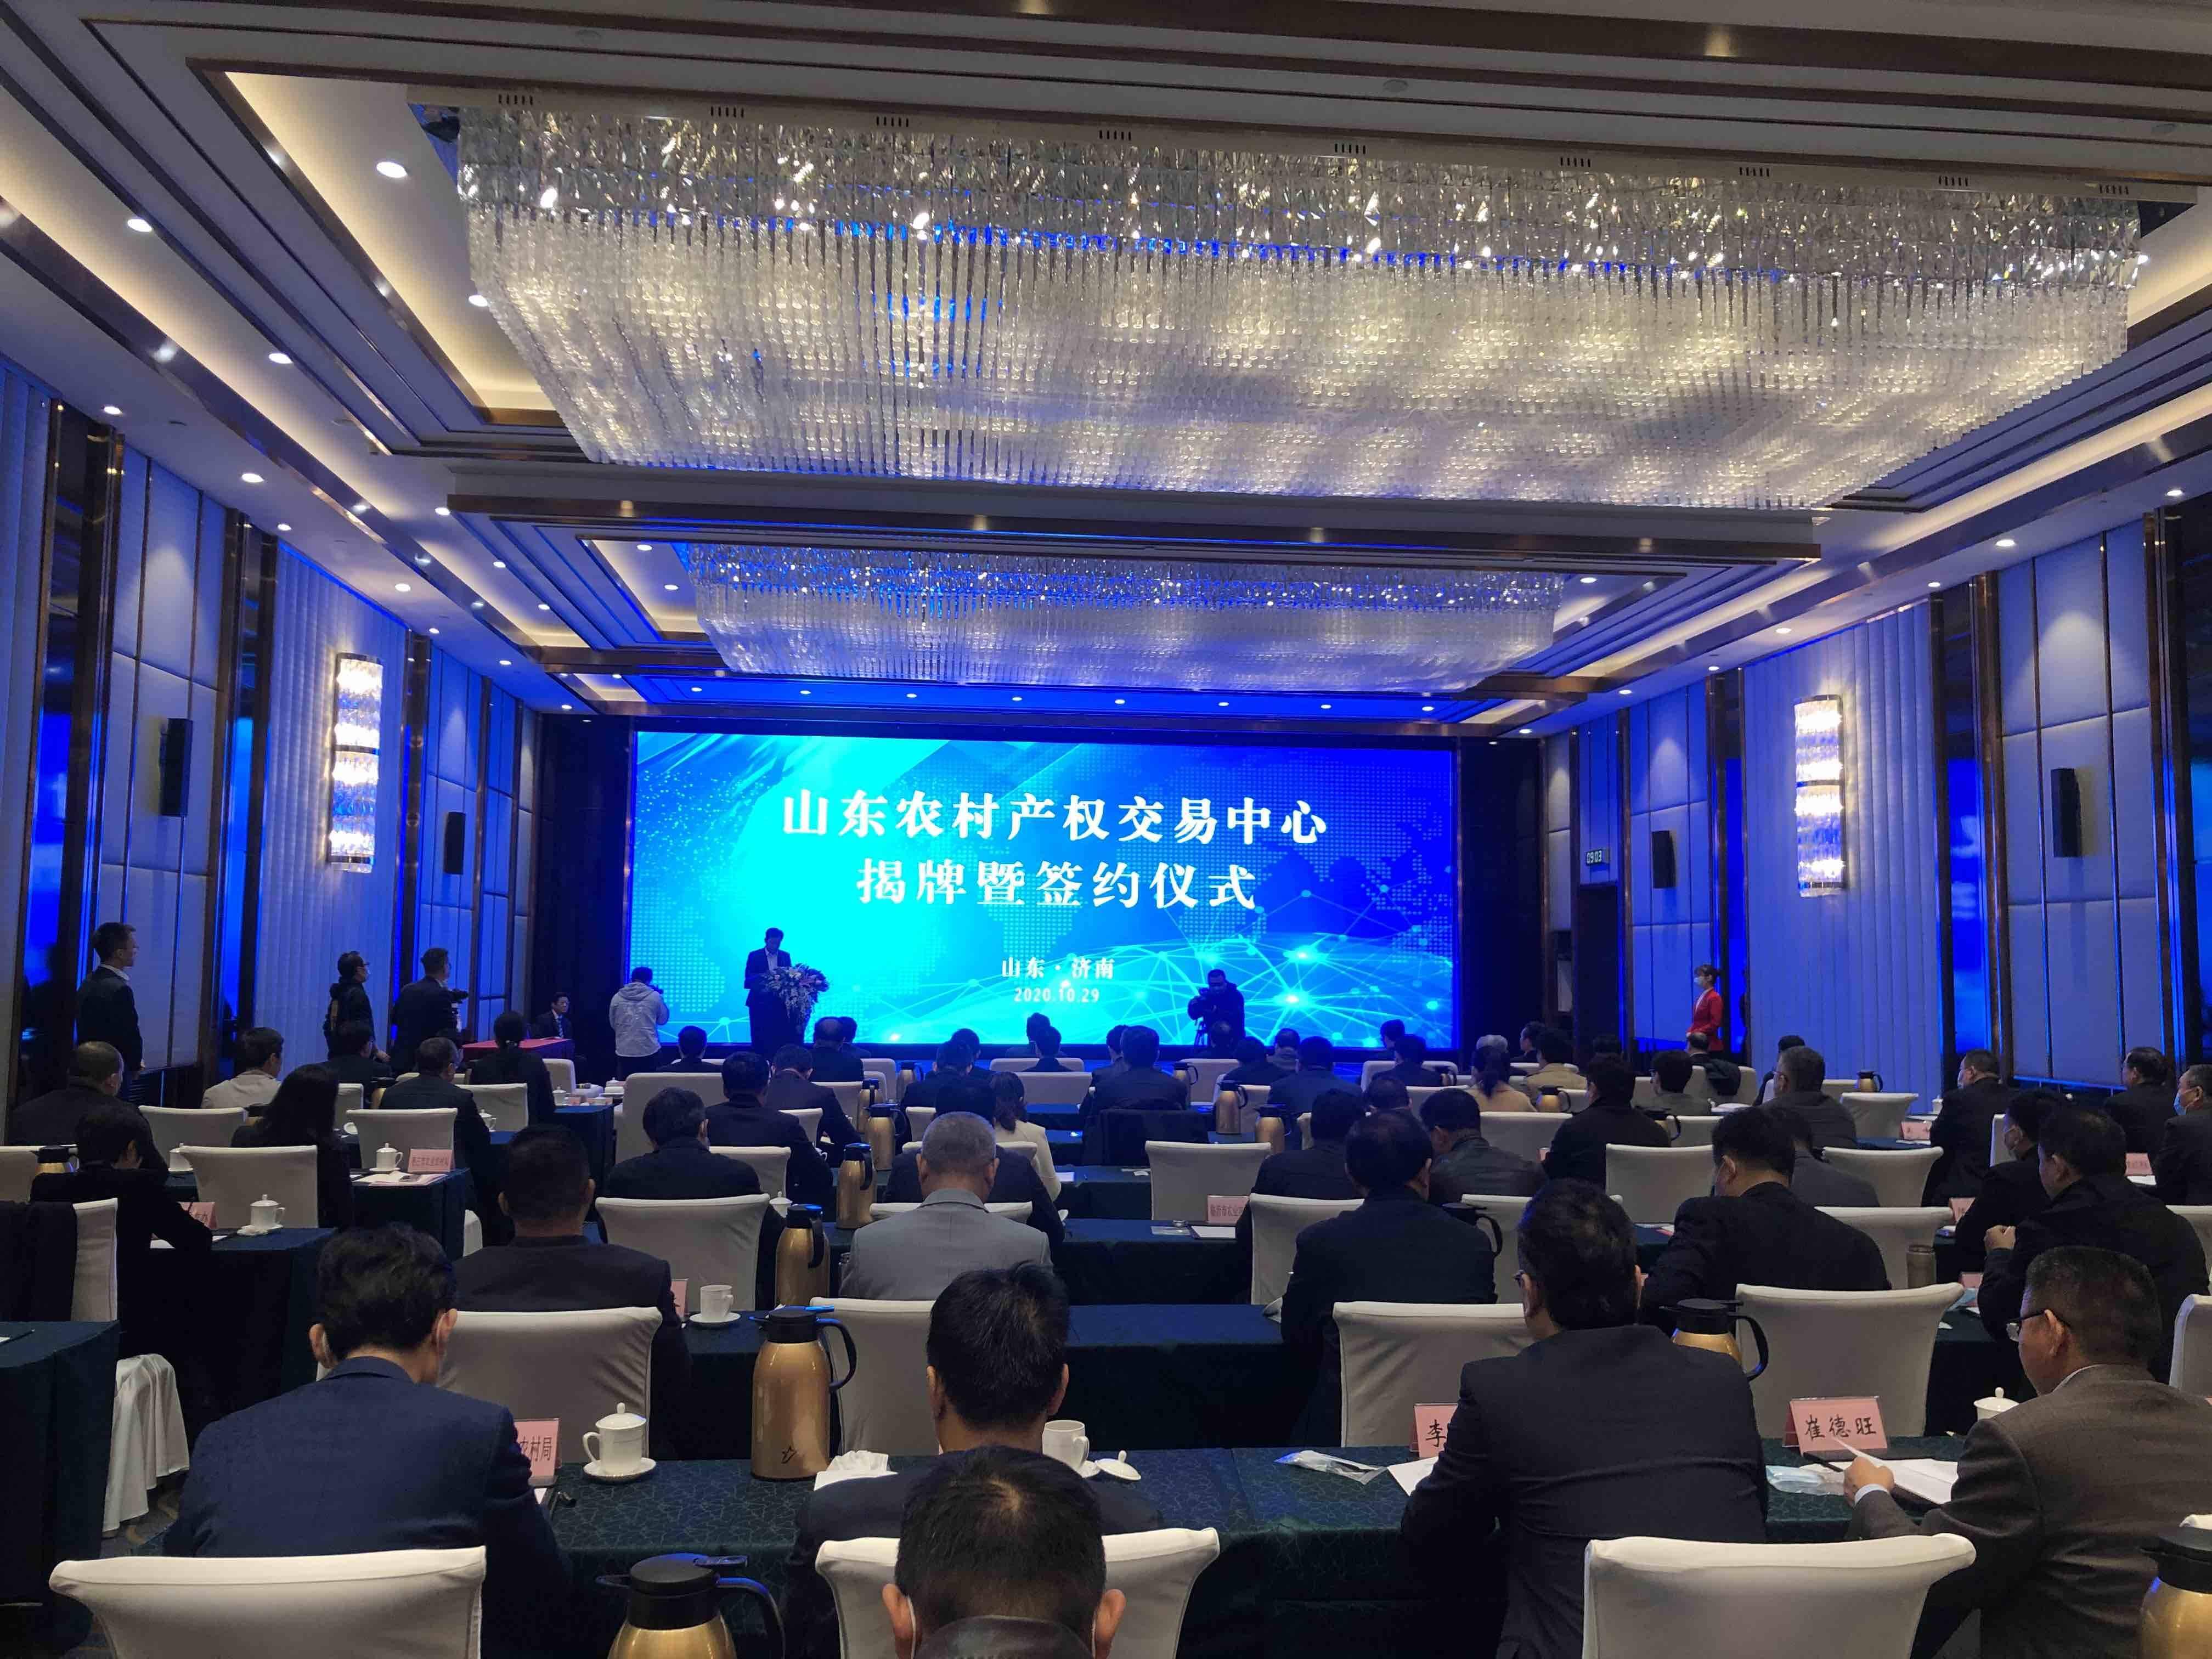 山东农村产权交易中心在济南成立